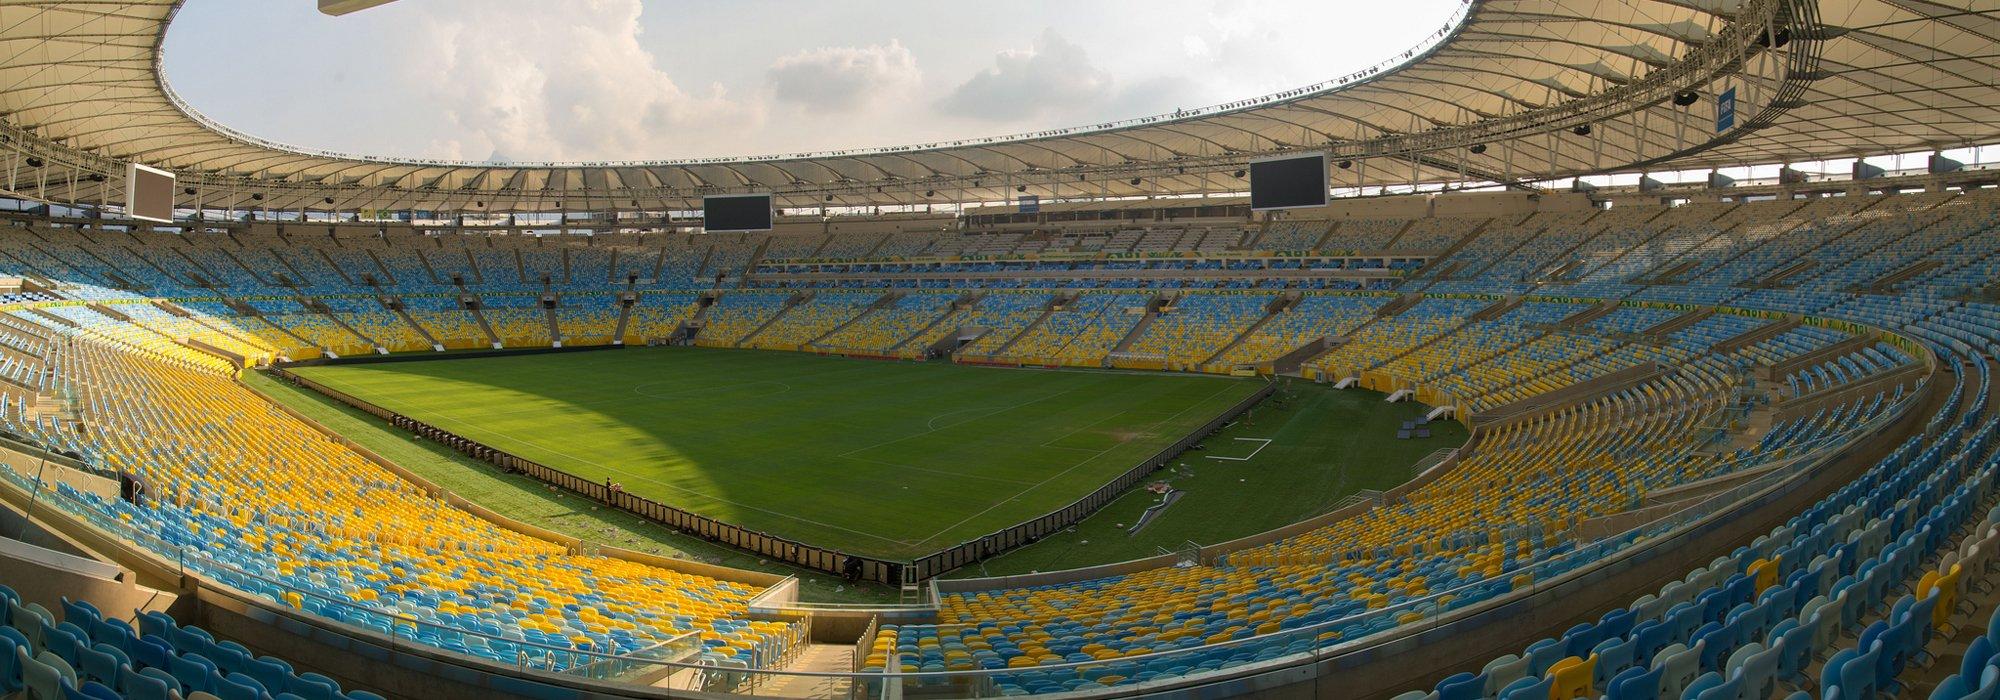 Фото стадиона маракана в рио де жанейро